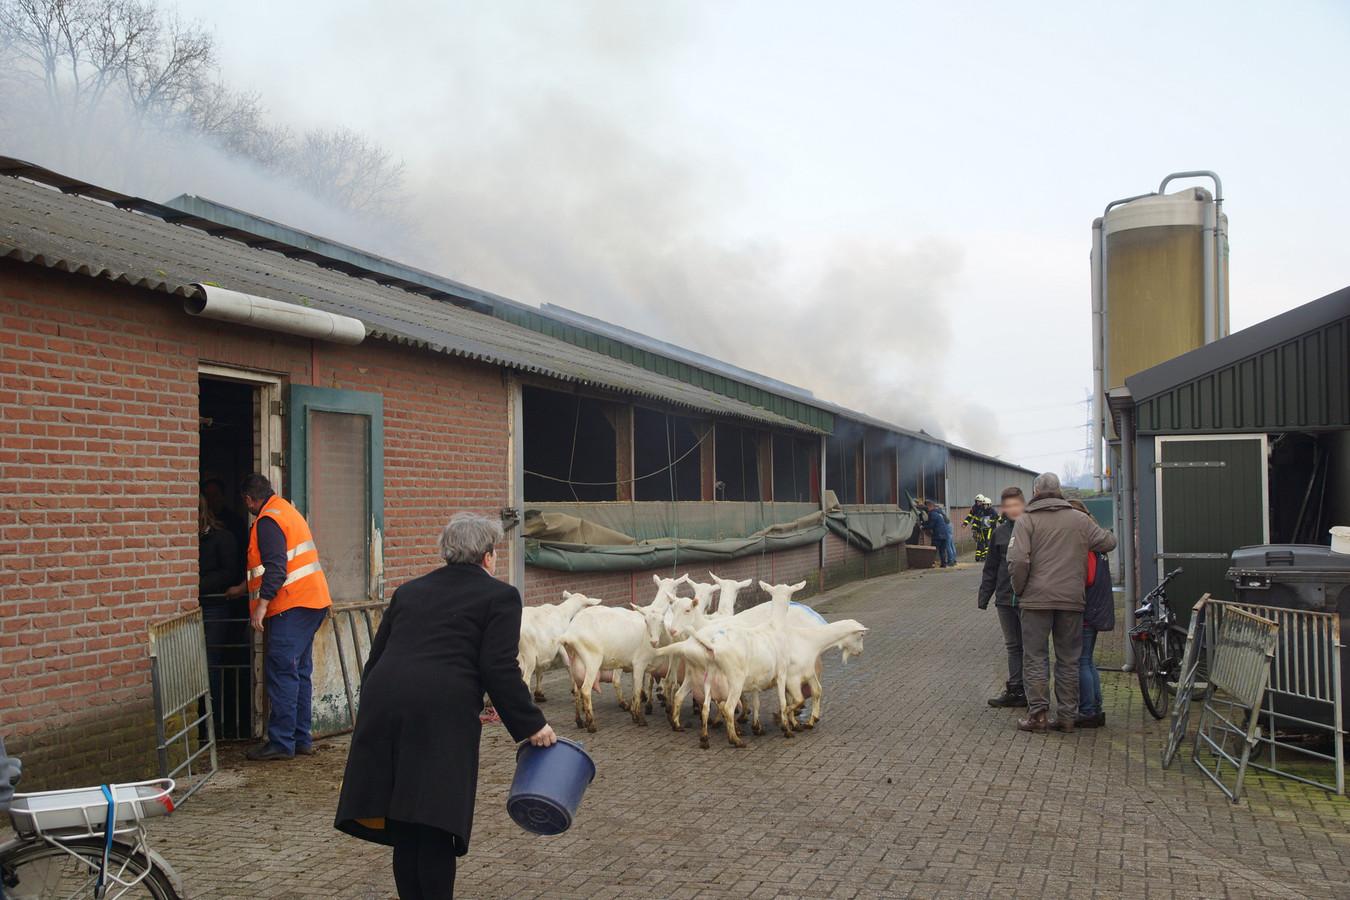 De geiten worden uit de stal gehaald.